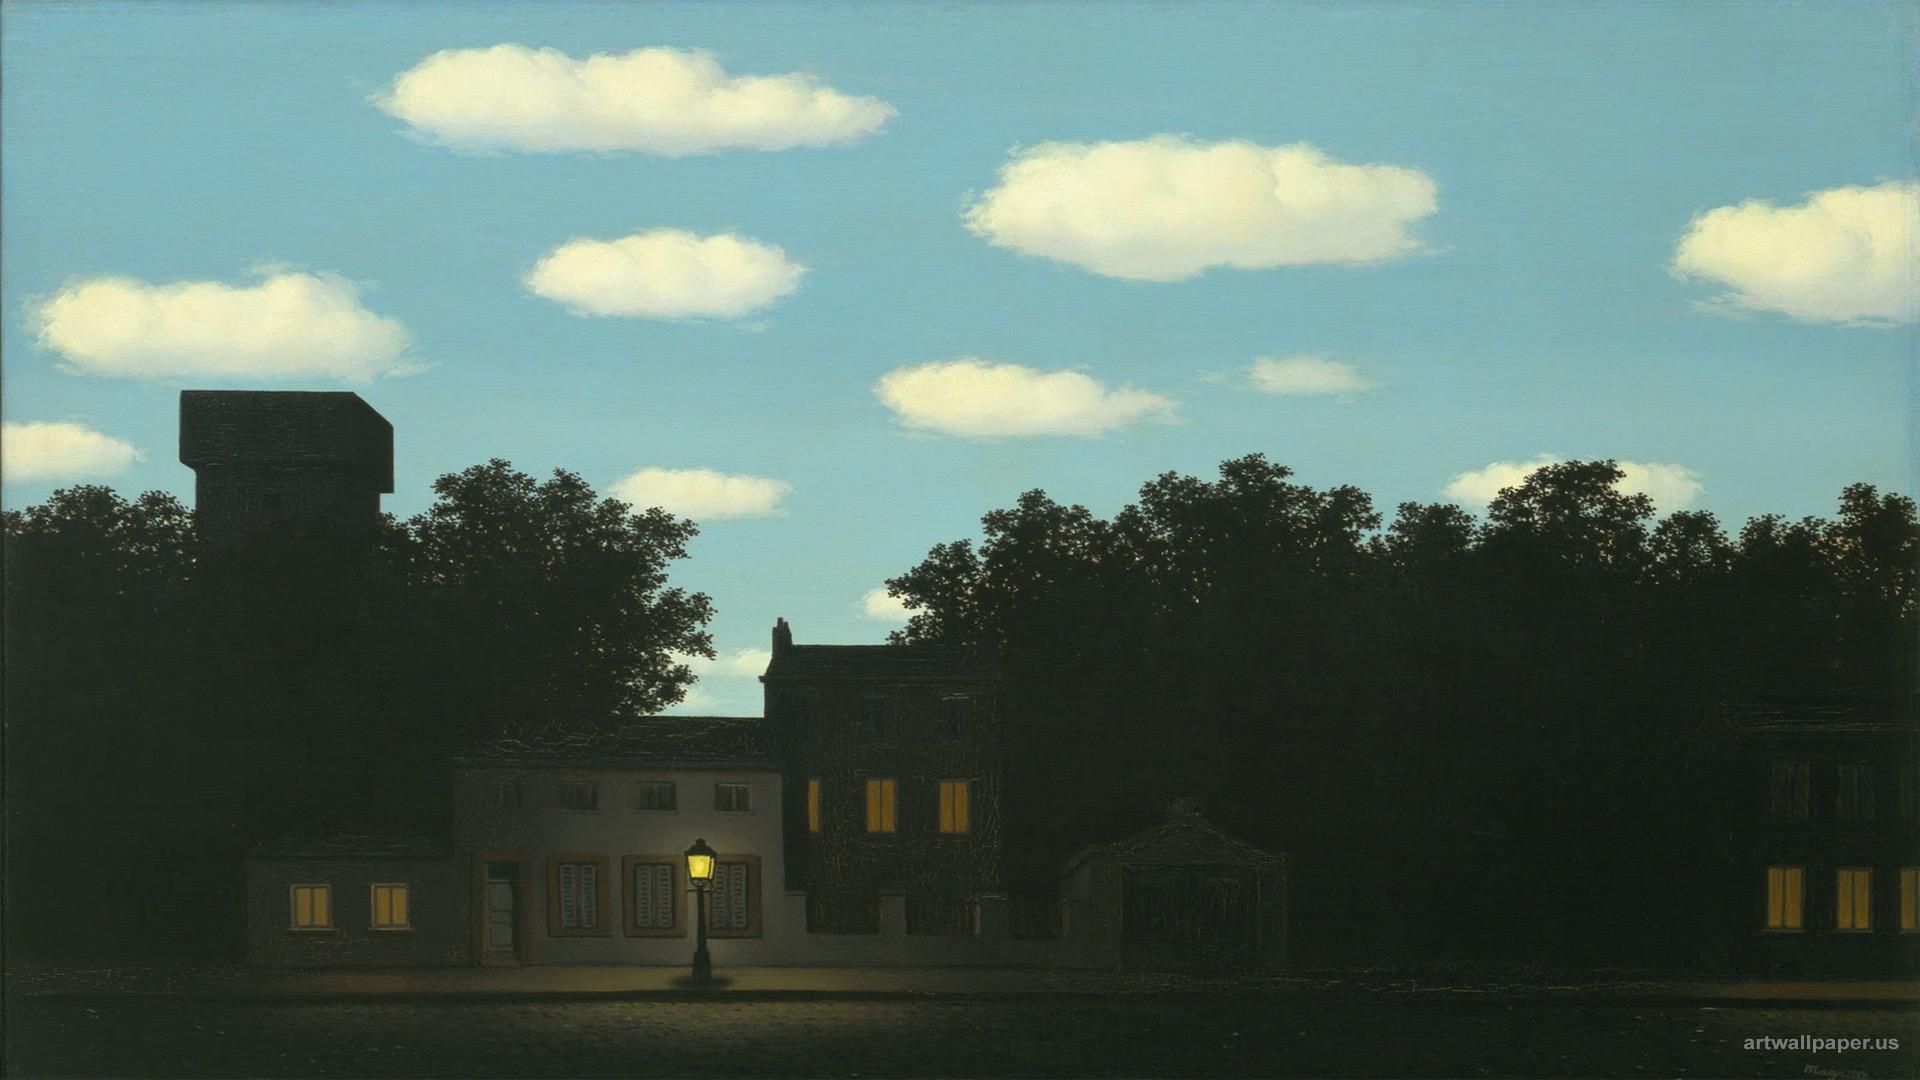 Magritte Wallpaper 1920x1080